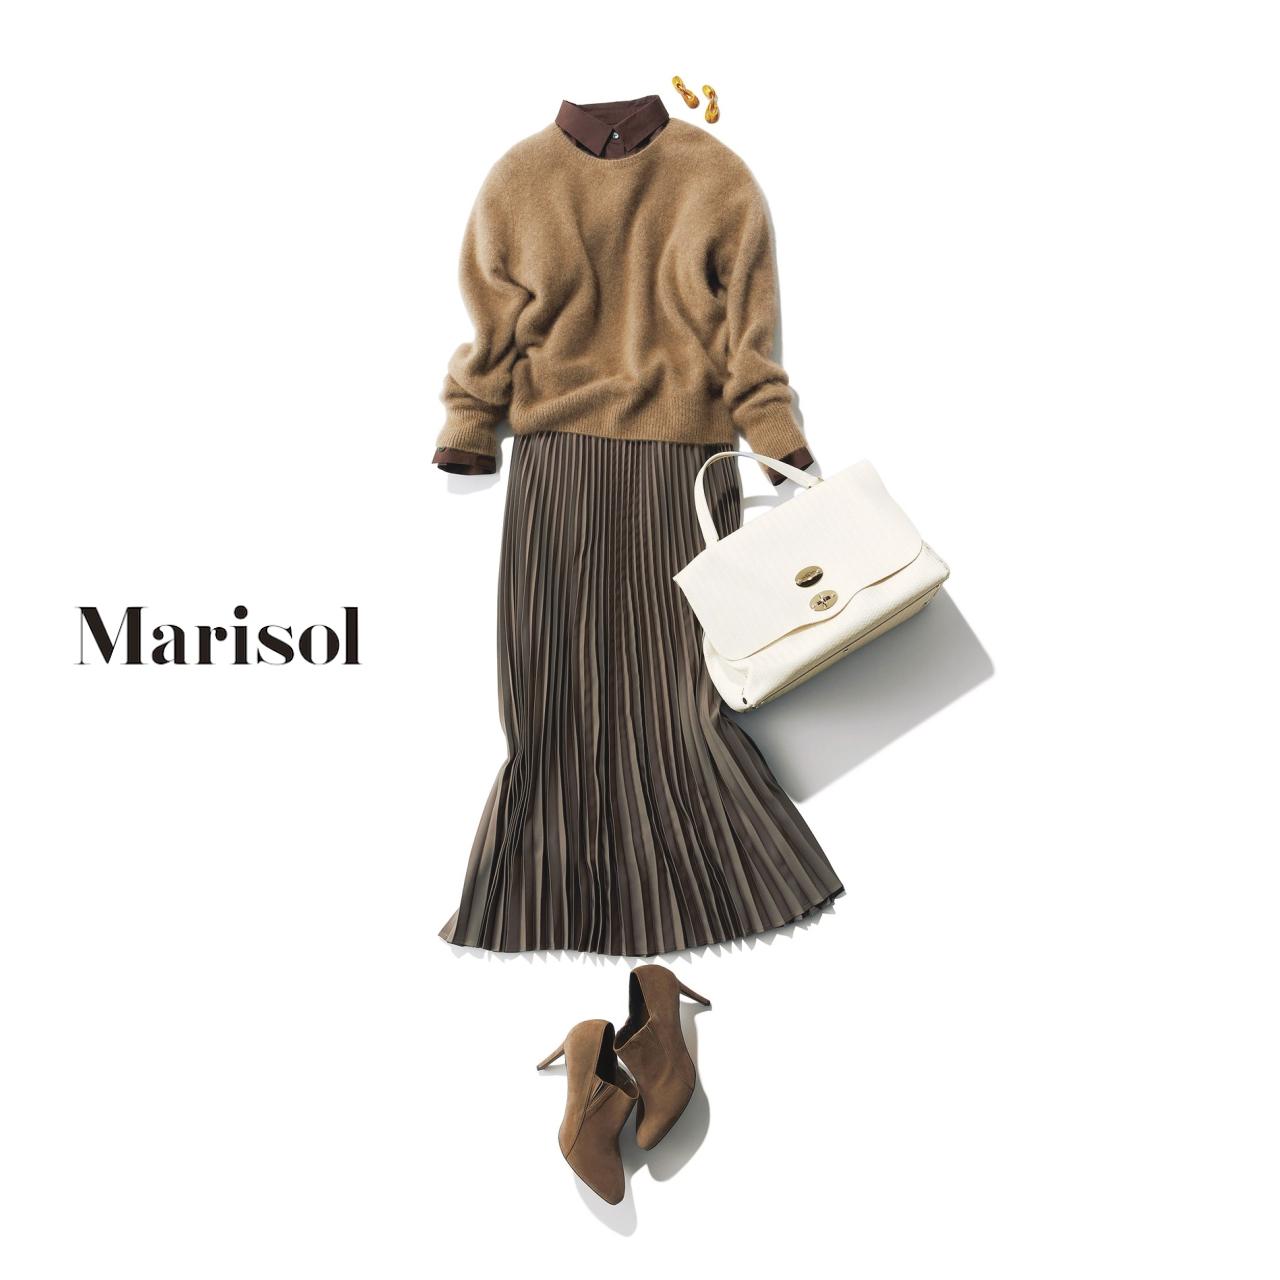 40代ファッション モヘアニット×プリーツスカートコーデ